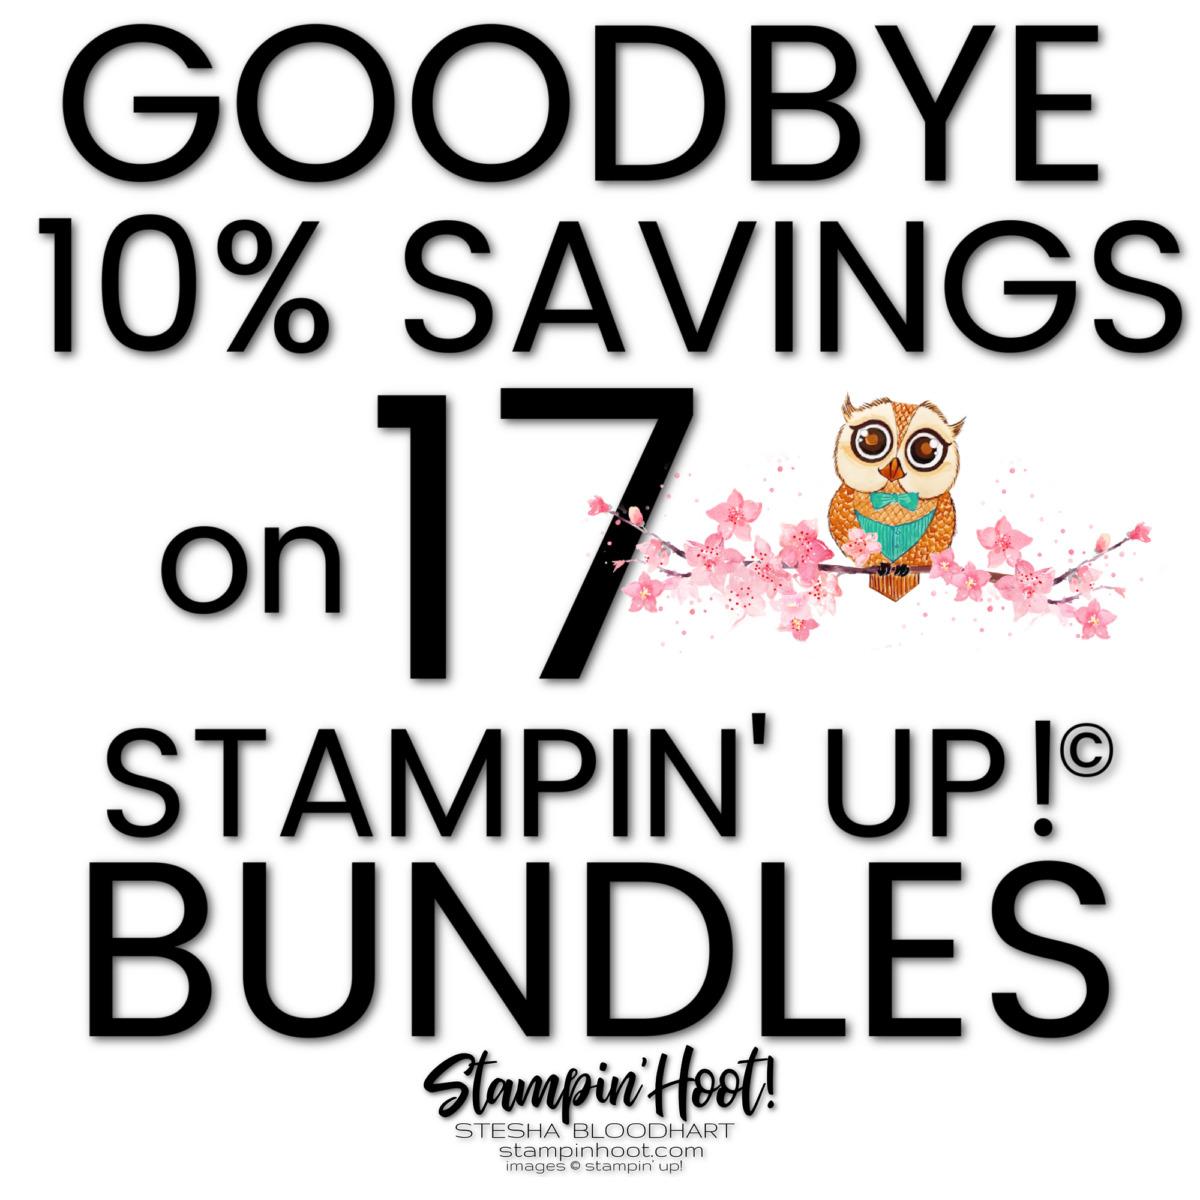 Goodbye to 10% Savings stesha